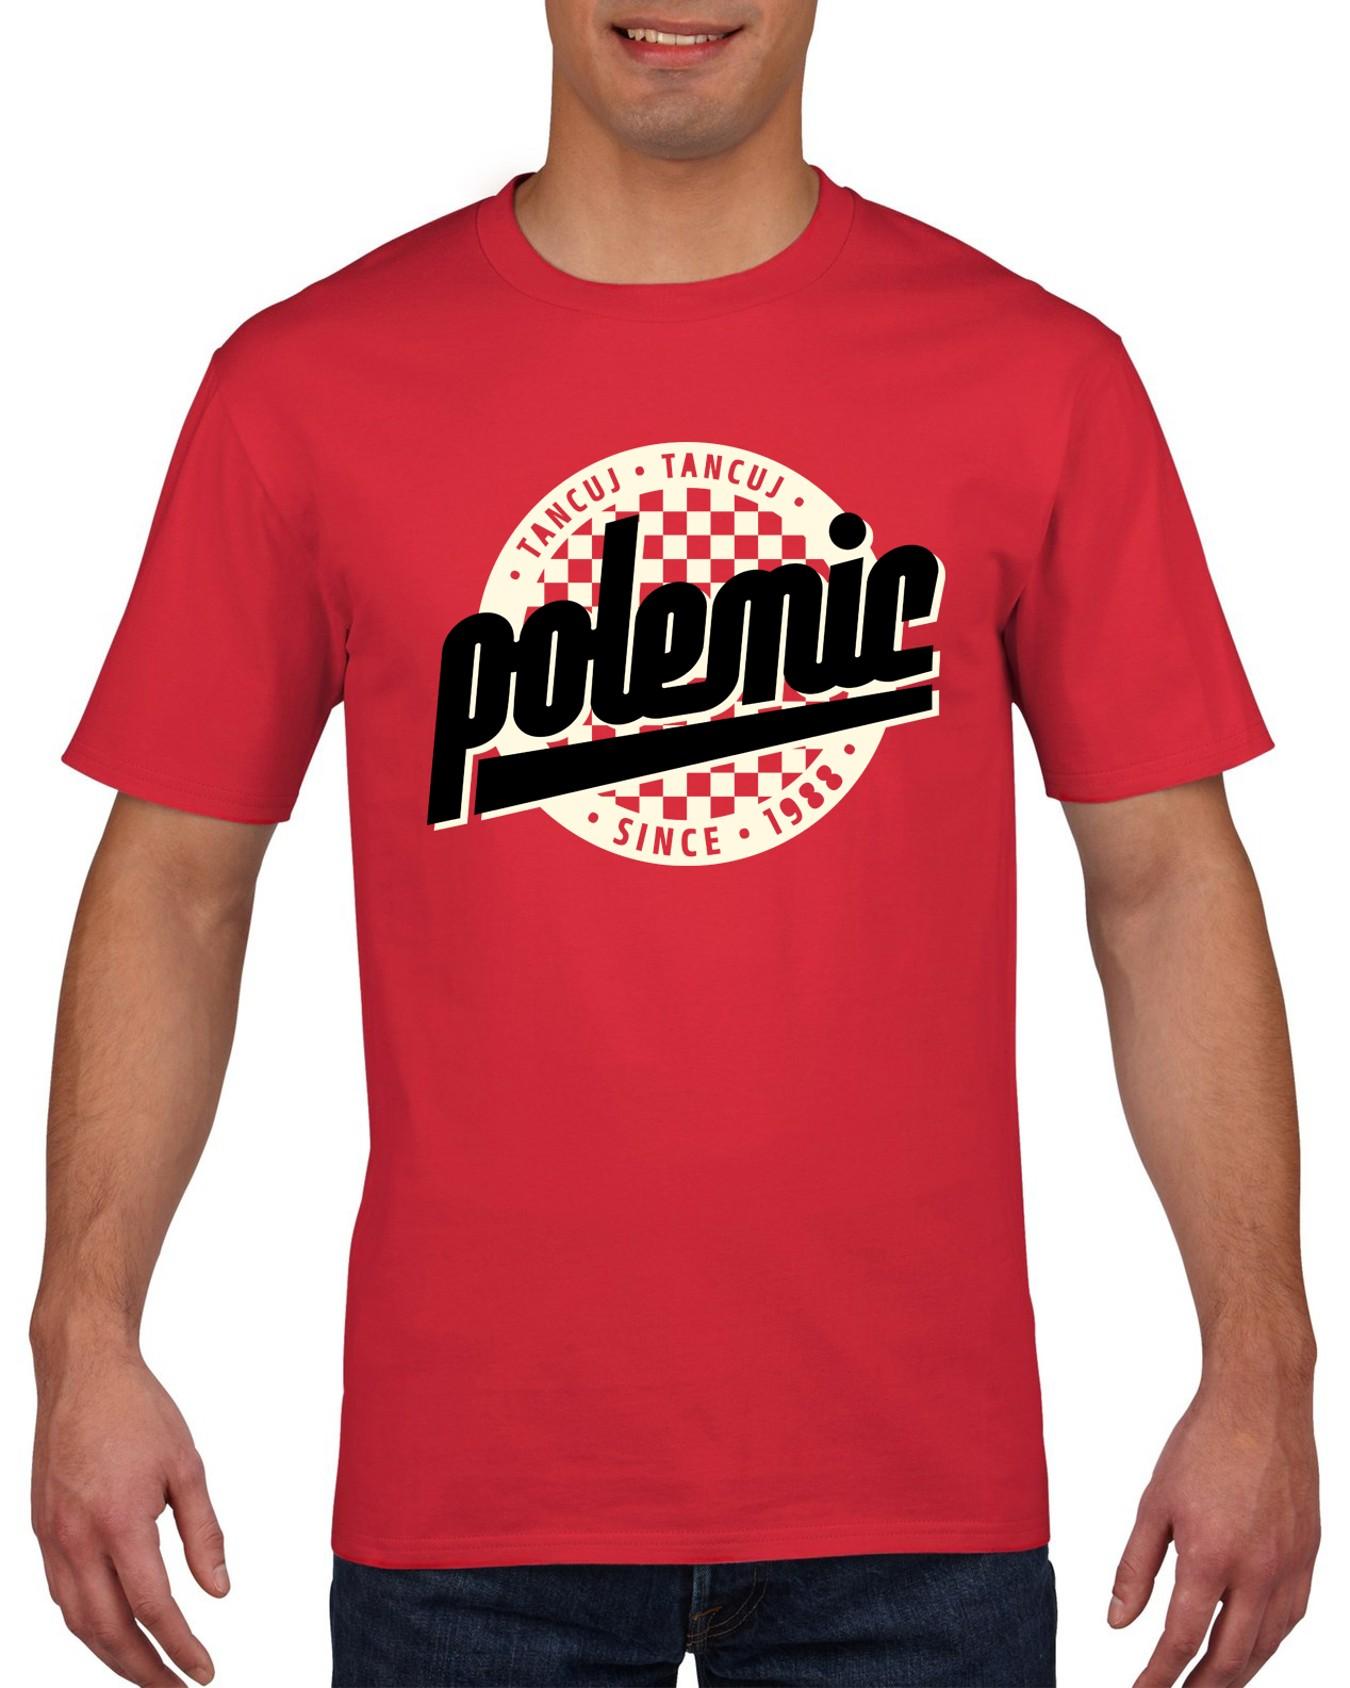 Polemic - Tričko Logo - Muž, Červená, XL